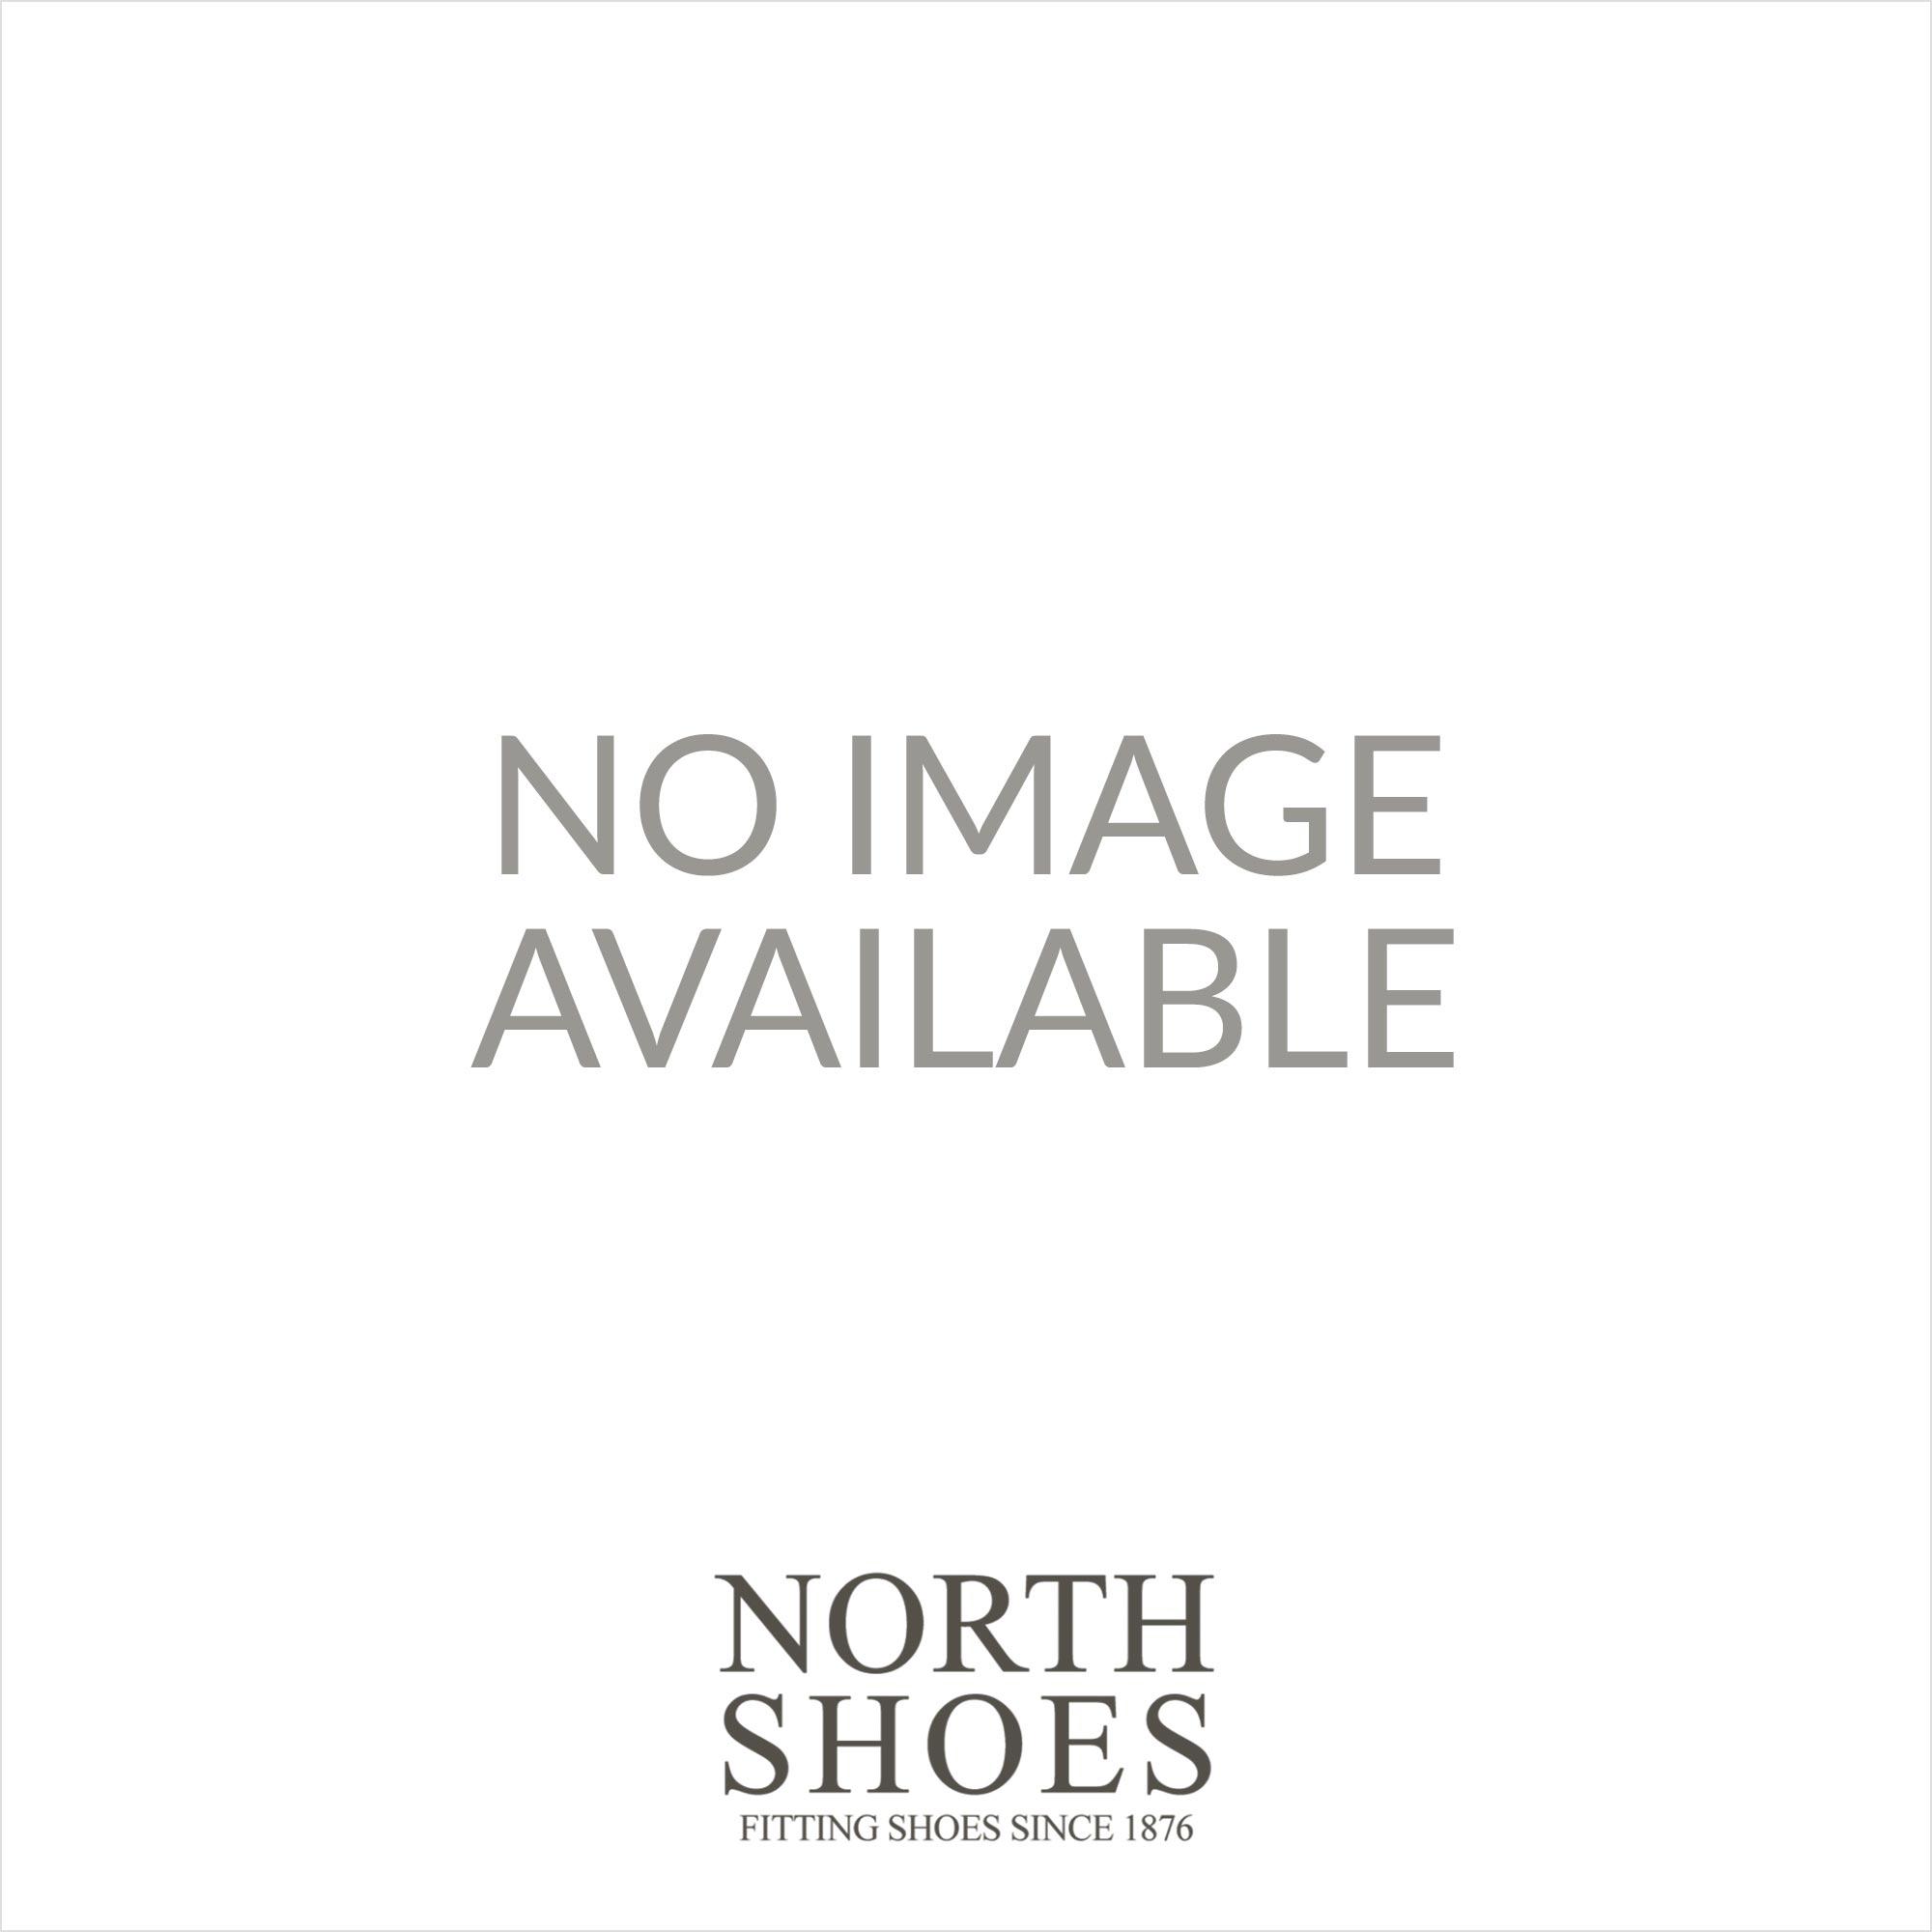 d49a59c2719 Mens Rieker Doris 53794-01 Black Patent Leather Womens Chelsea Boots ...